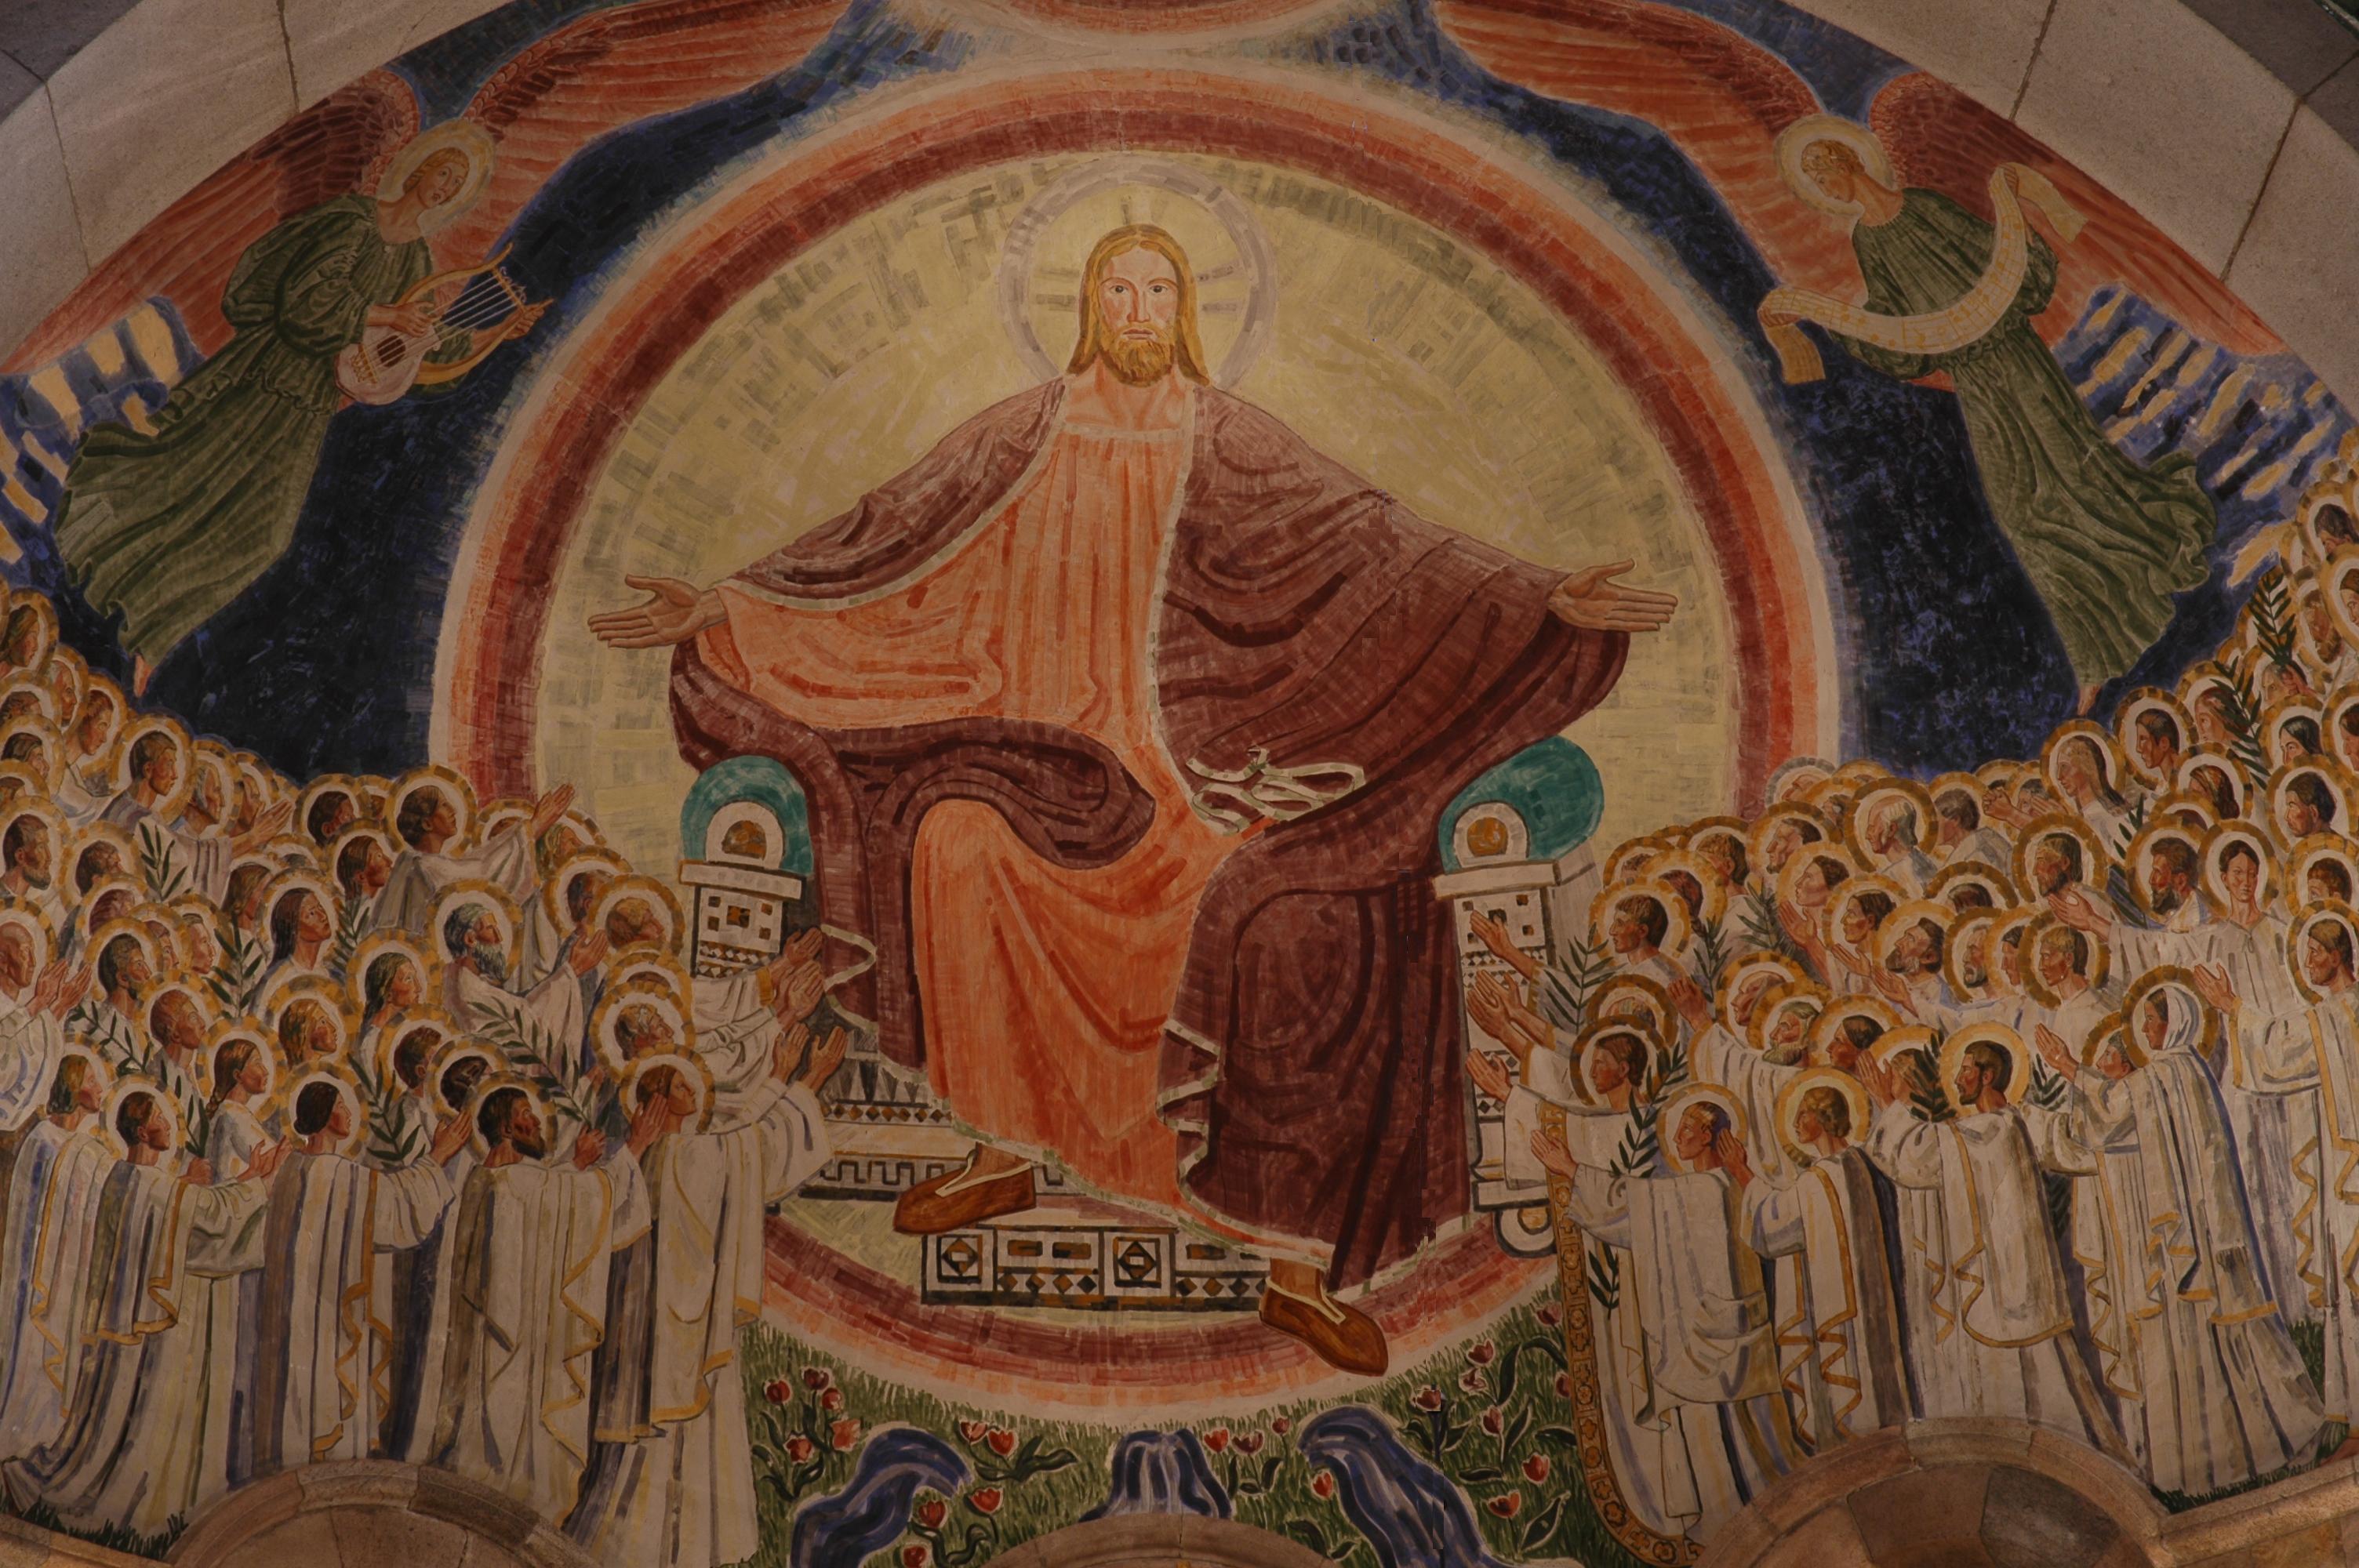 Et af Joakim Skovgaards fresker i Viborg Domkirke